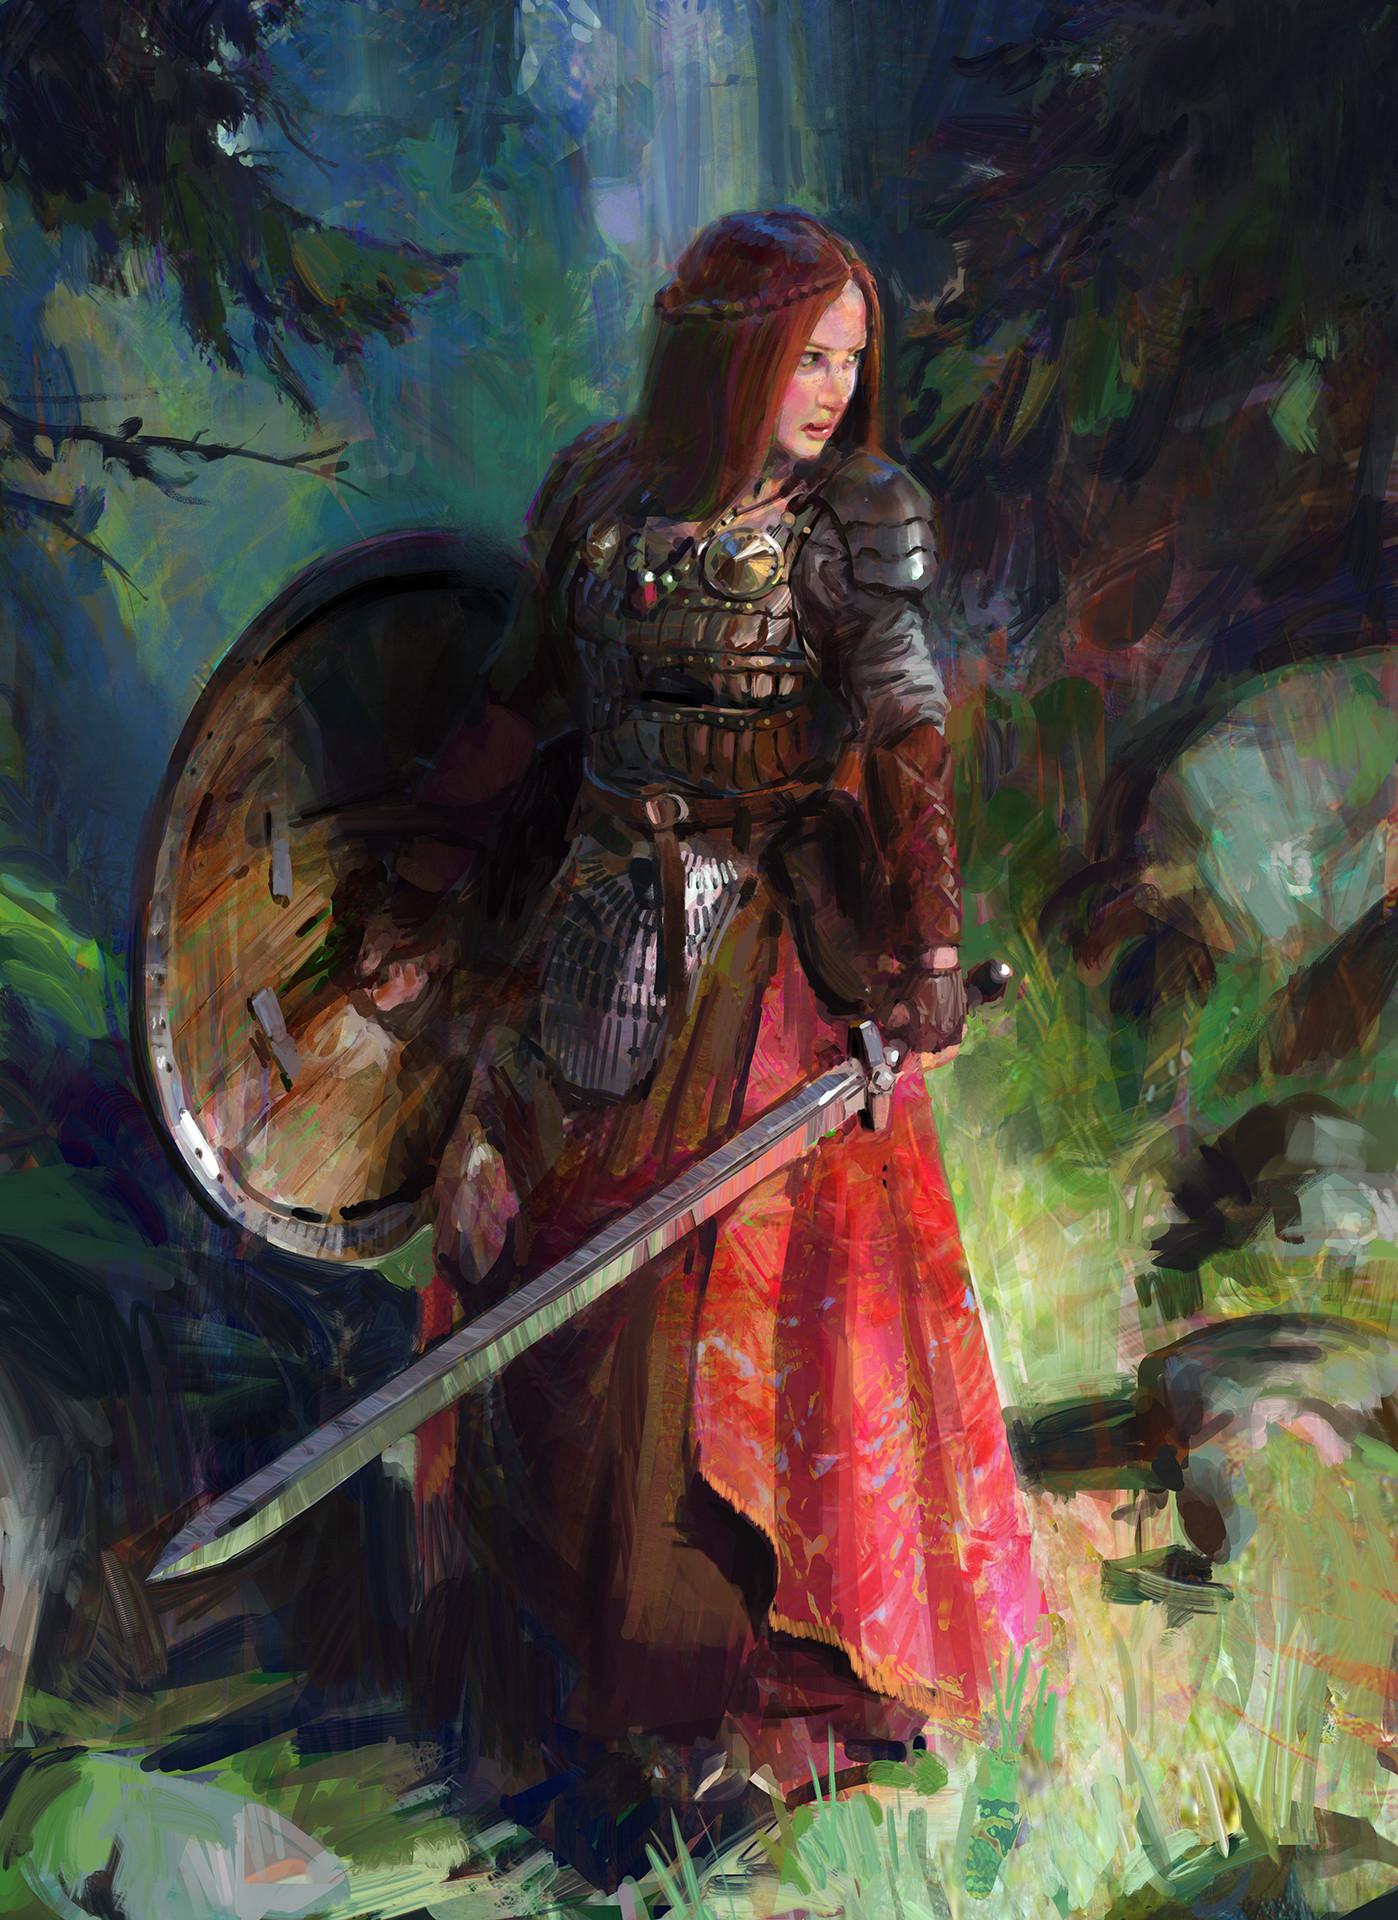 John wallin liberto vikingwoman2redhead6